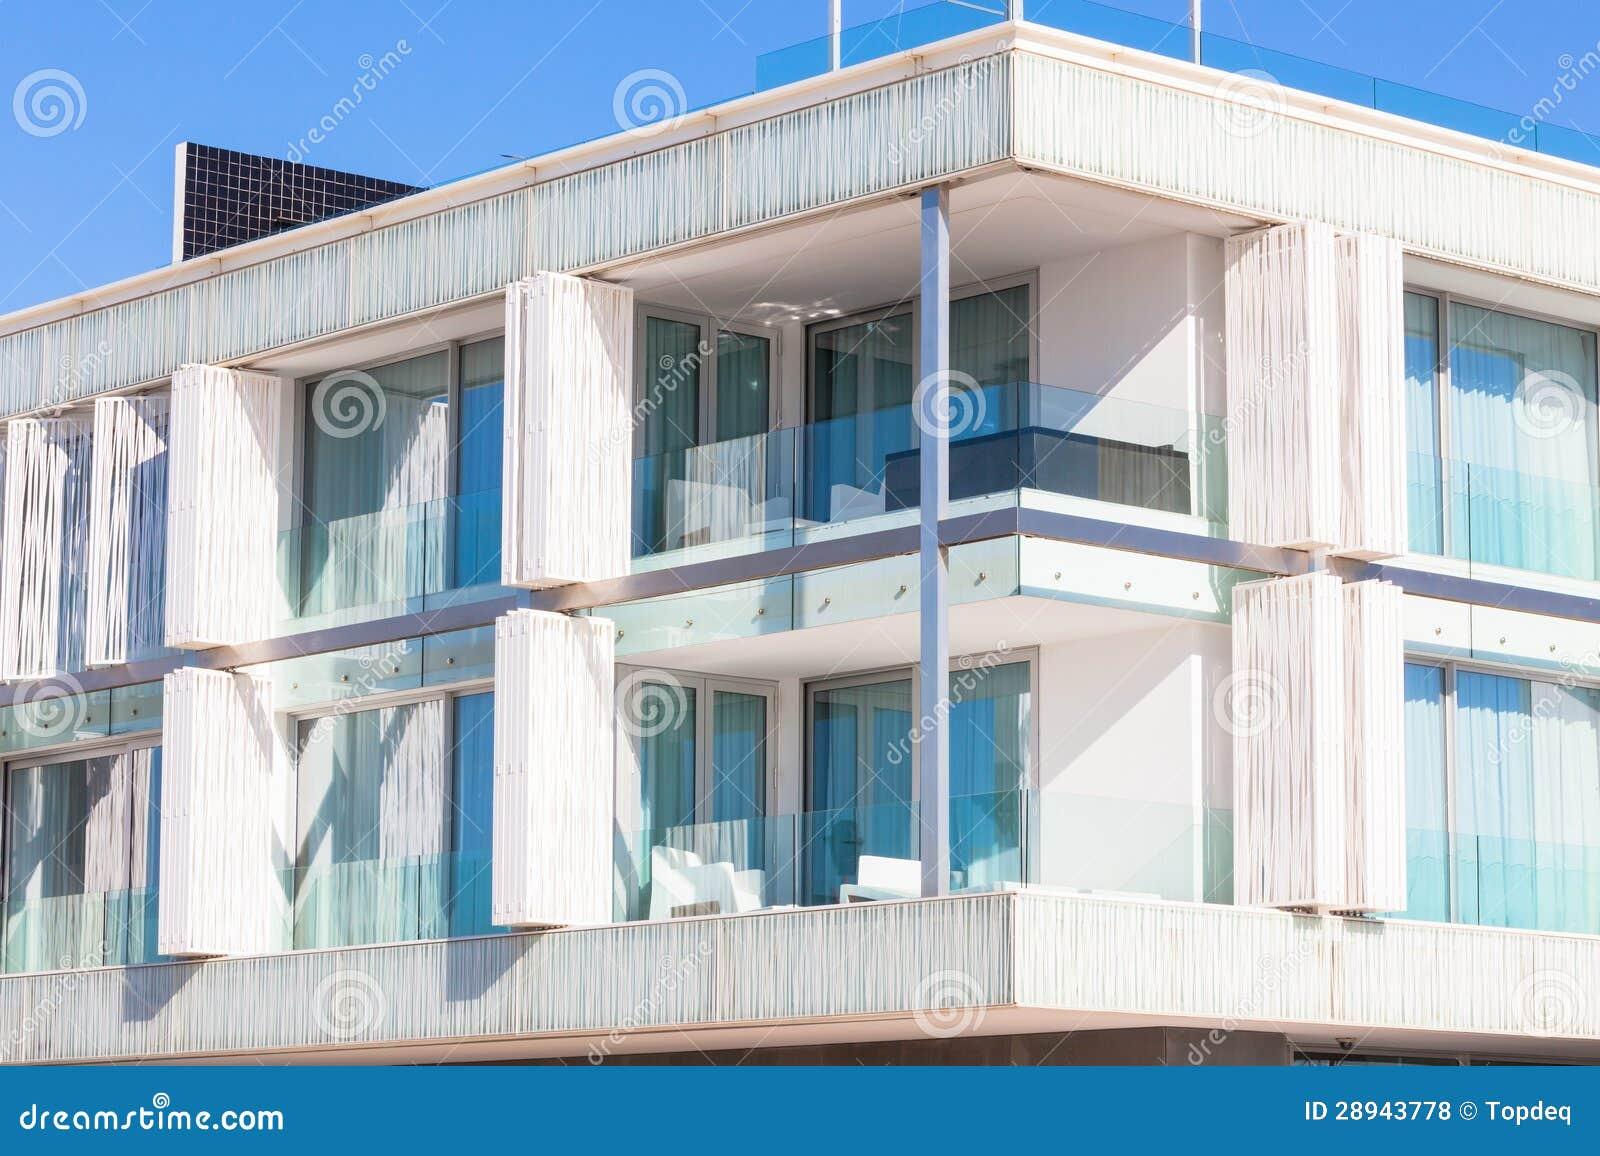 Balconi in un nuovo condominio della parete di vetro for Balconi condominio